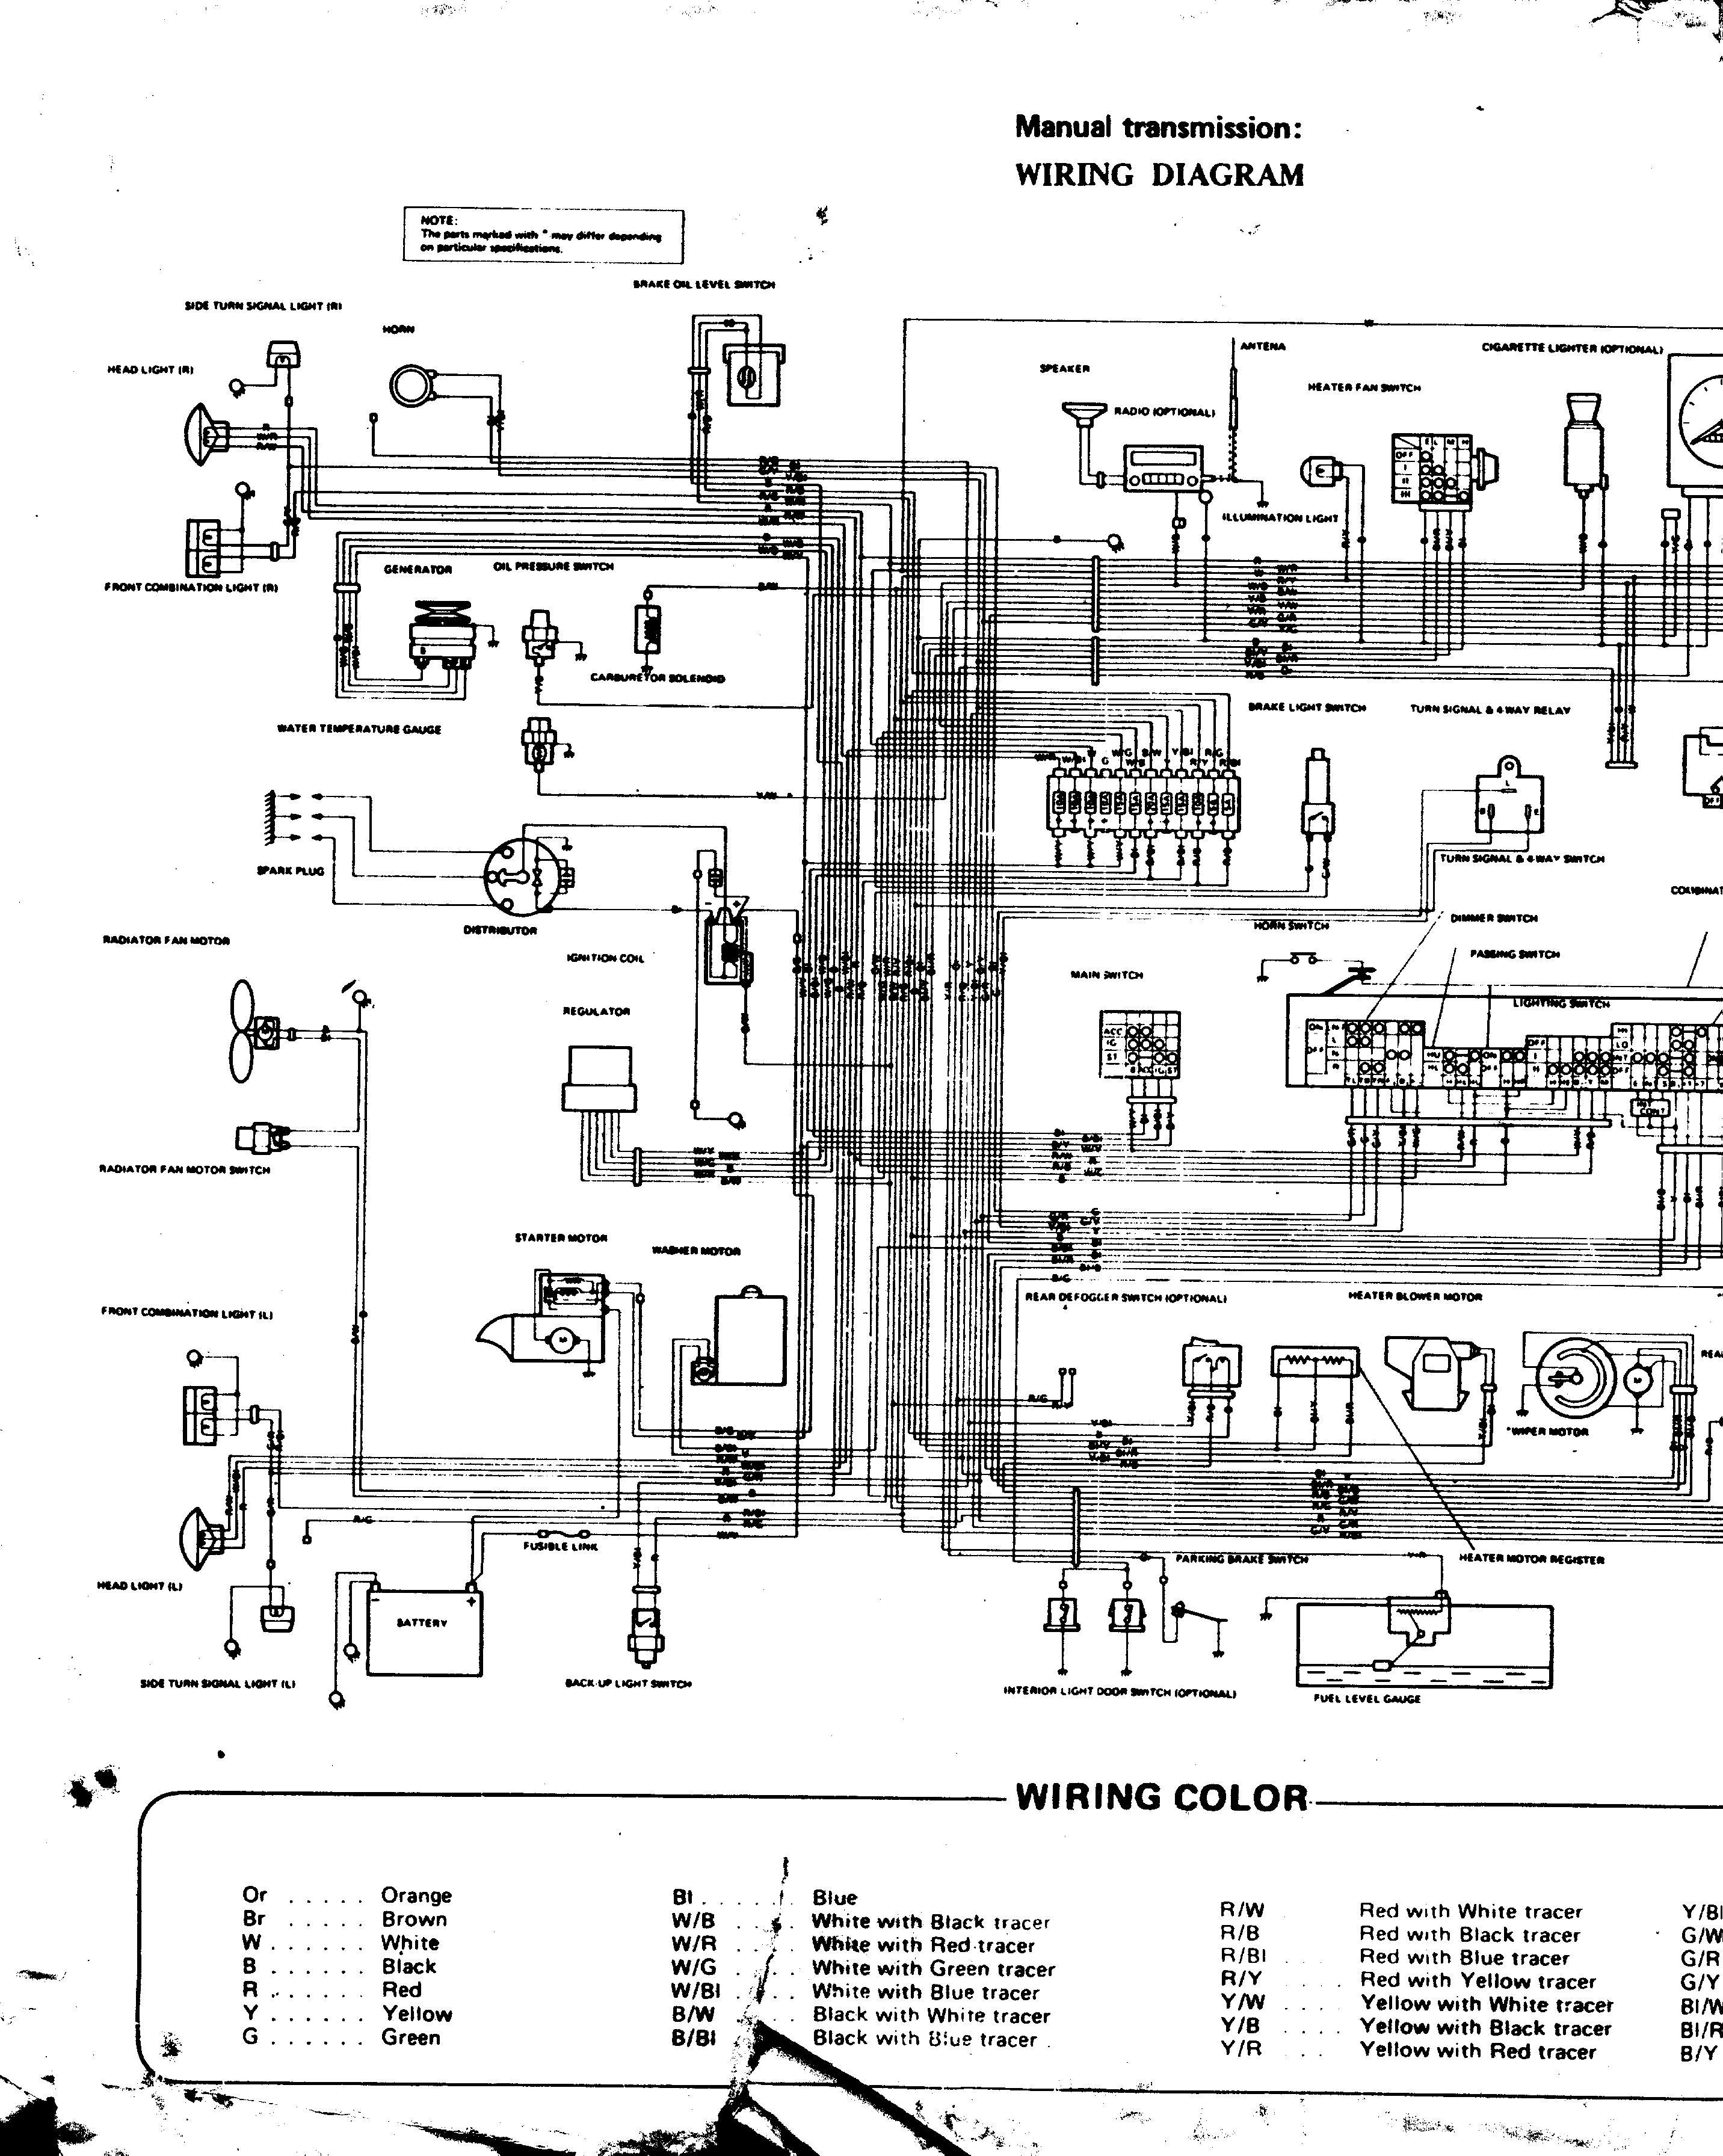 Service manual : Suzuki Alto 800CC suzuki Alto 001.jpg